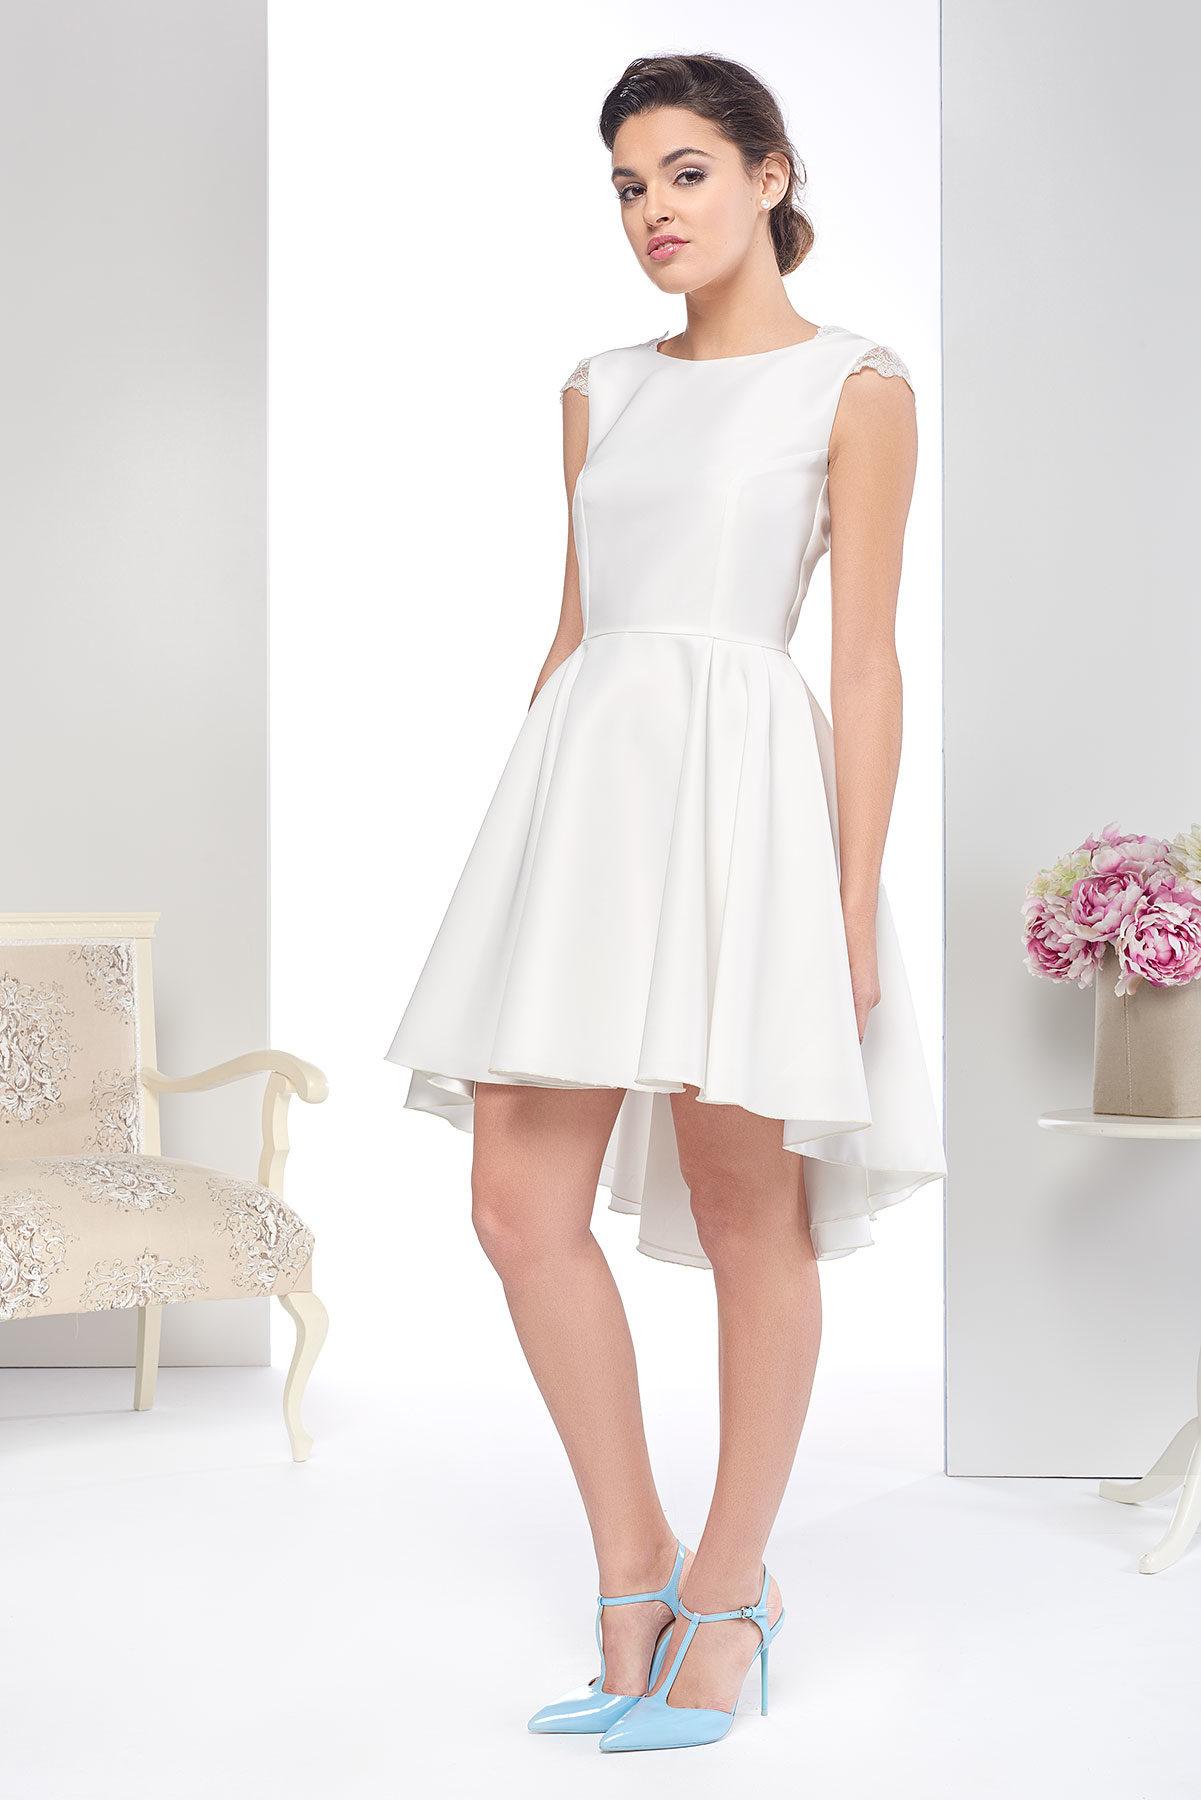 Vestido de novia corto lowcost con puntillas en mangas y espalda